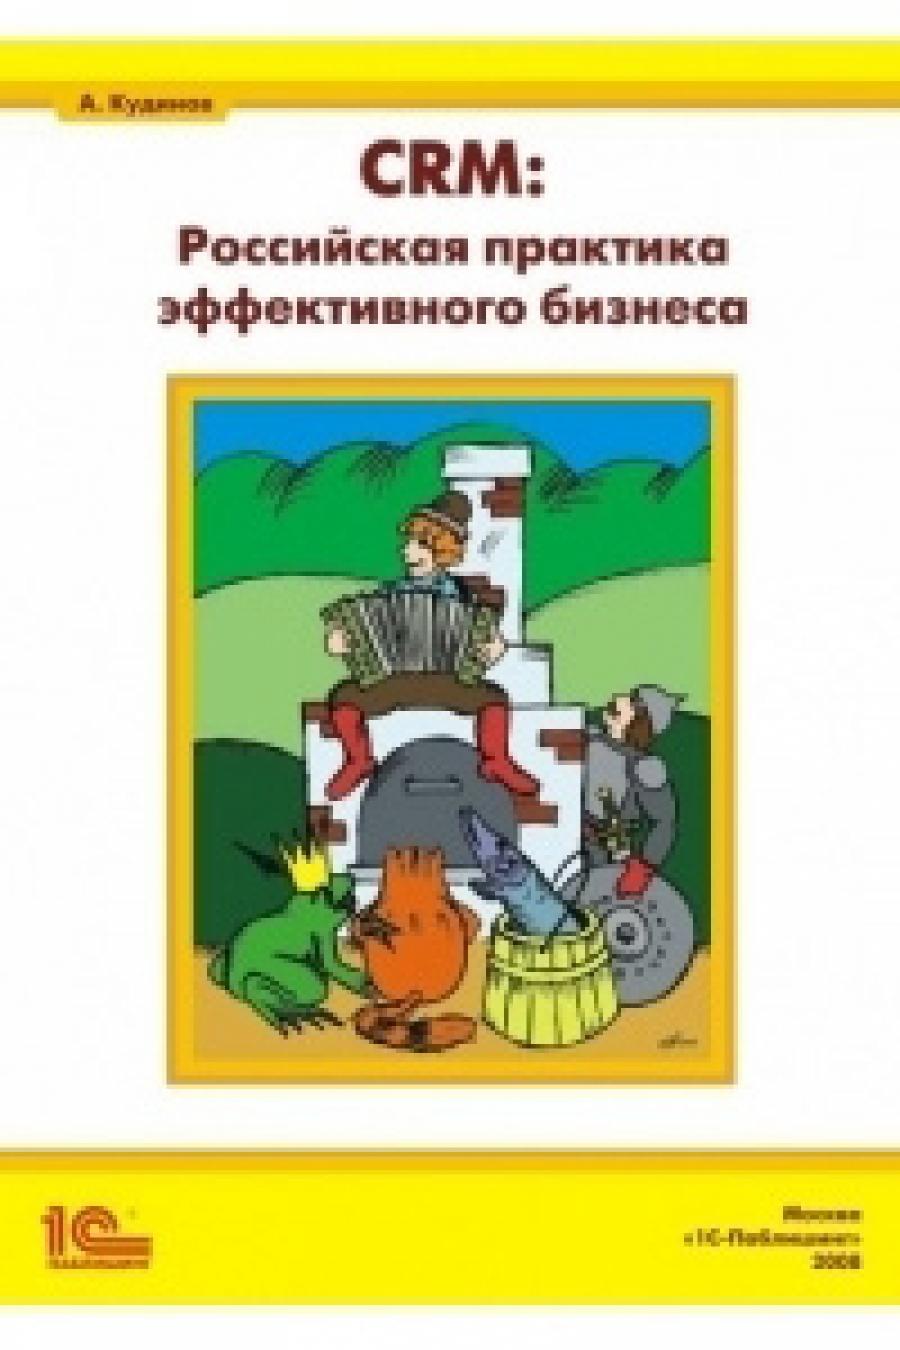 Обложка книги:  crm российская практика эффективного бизнеса